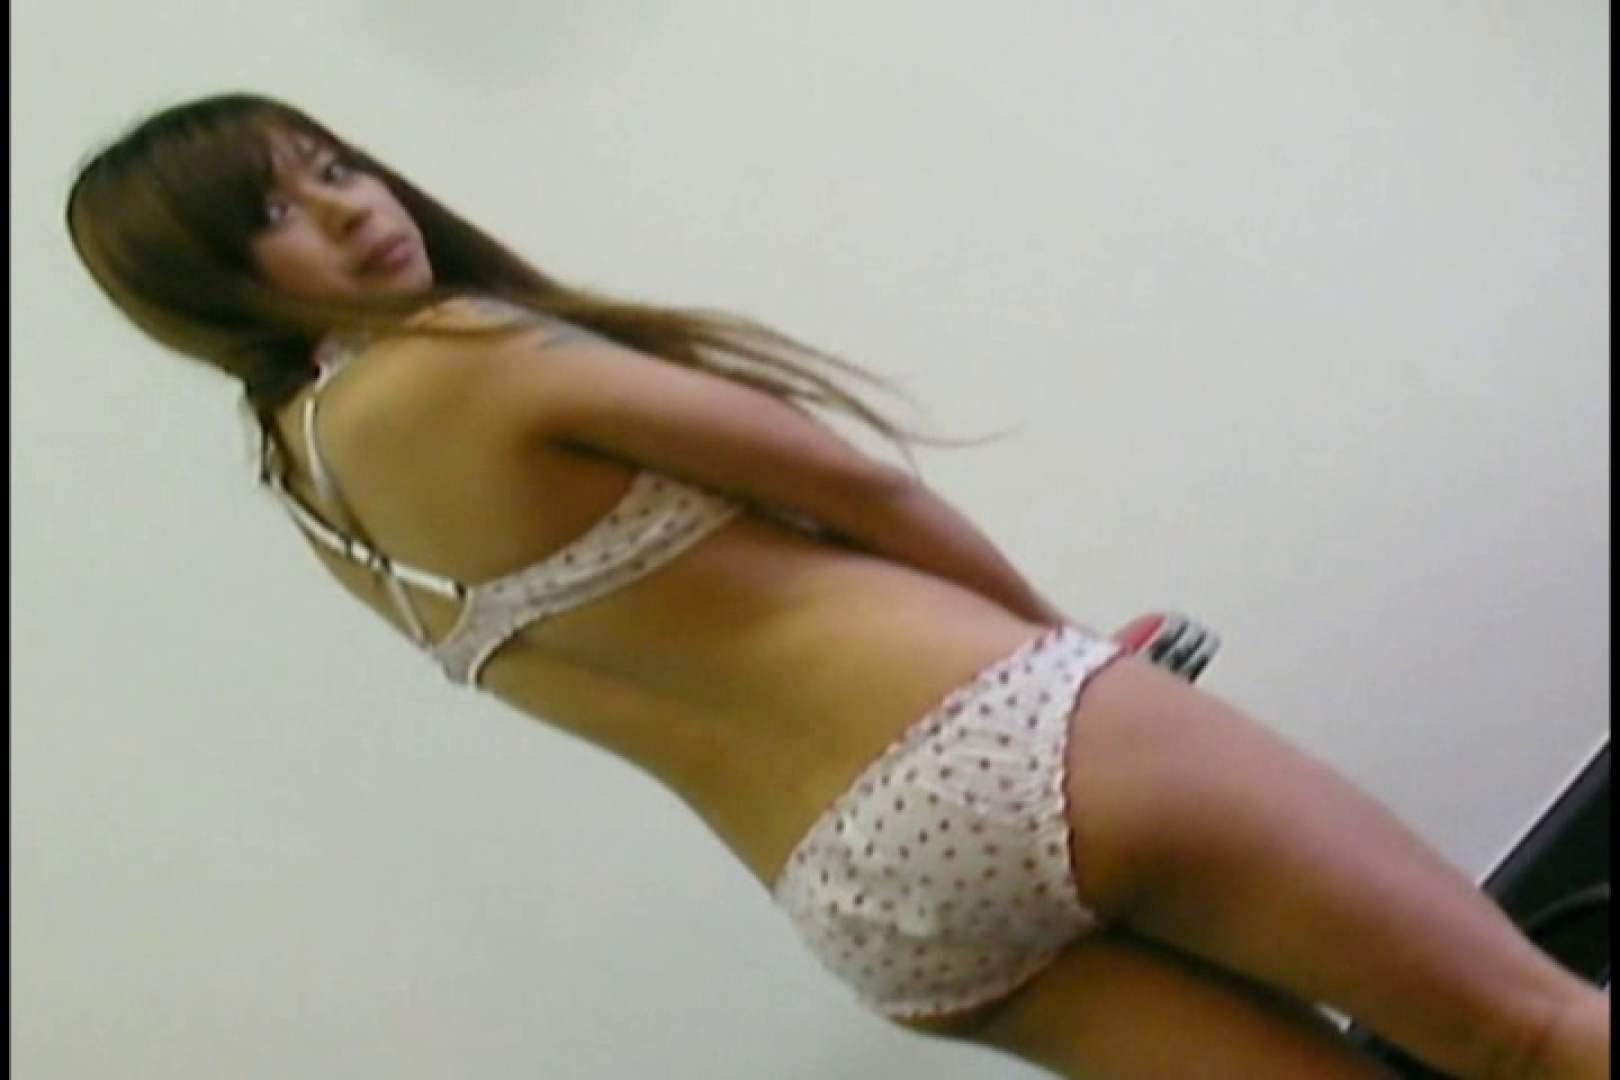 素人撮影 下着だけの撮影のはずが・・・ よしこ23歳 女子着替え | 素人  85pic 22